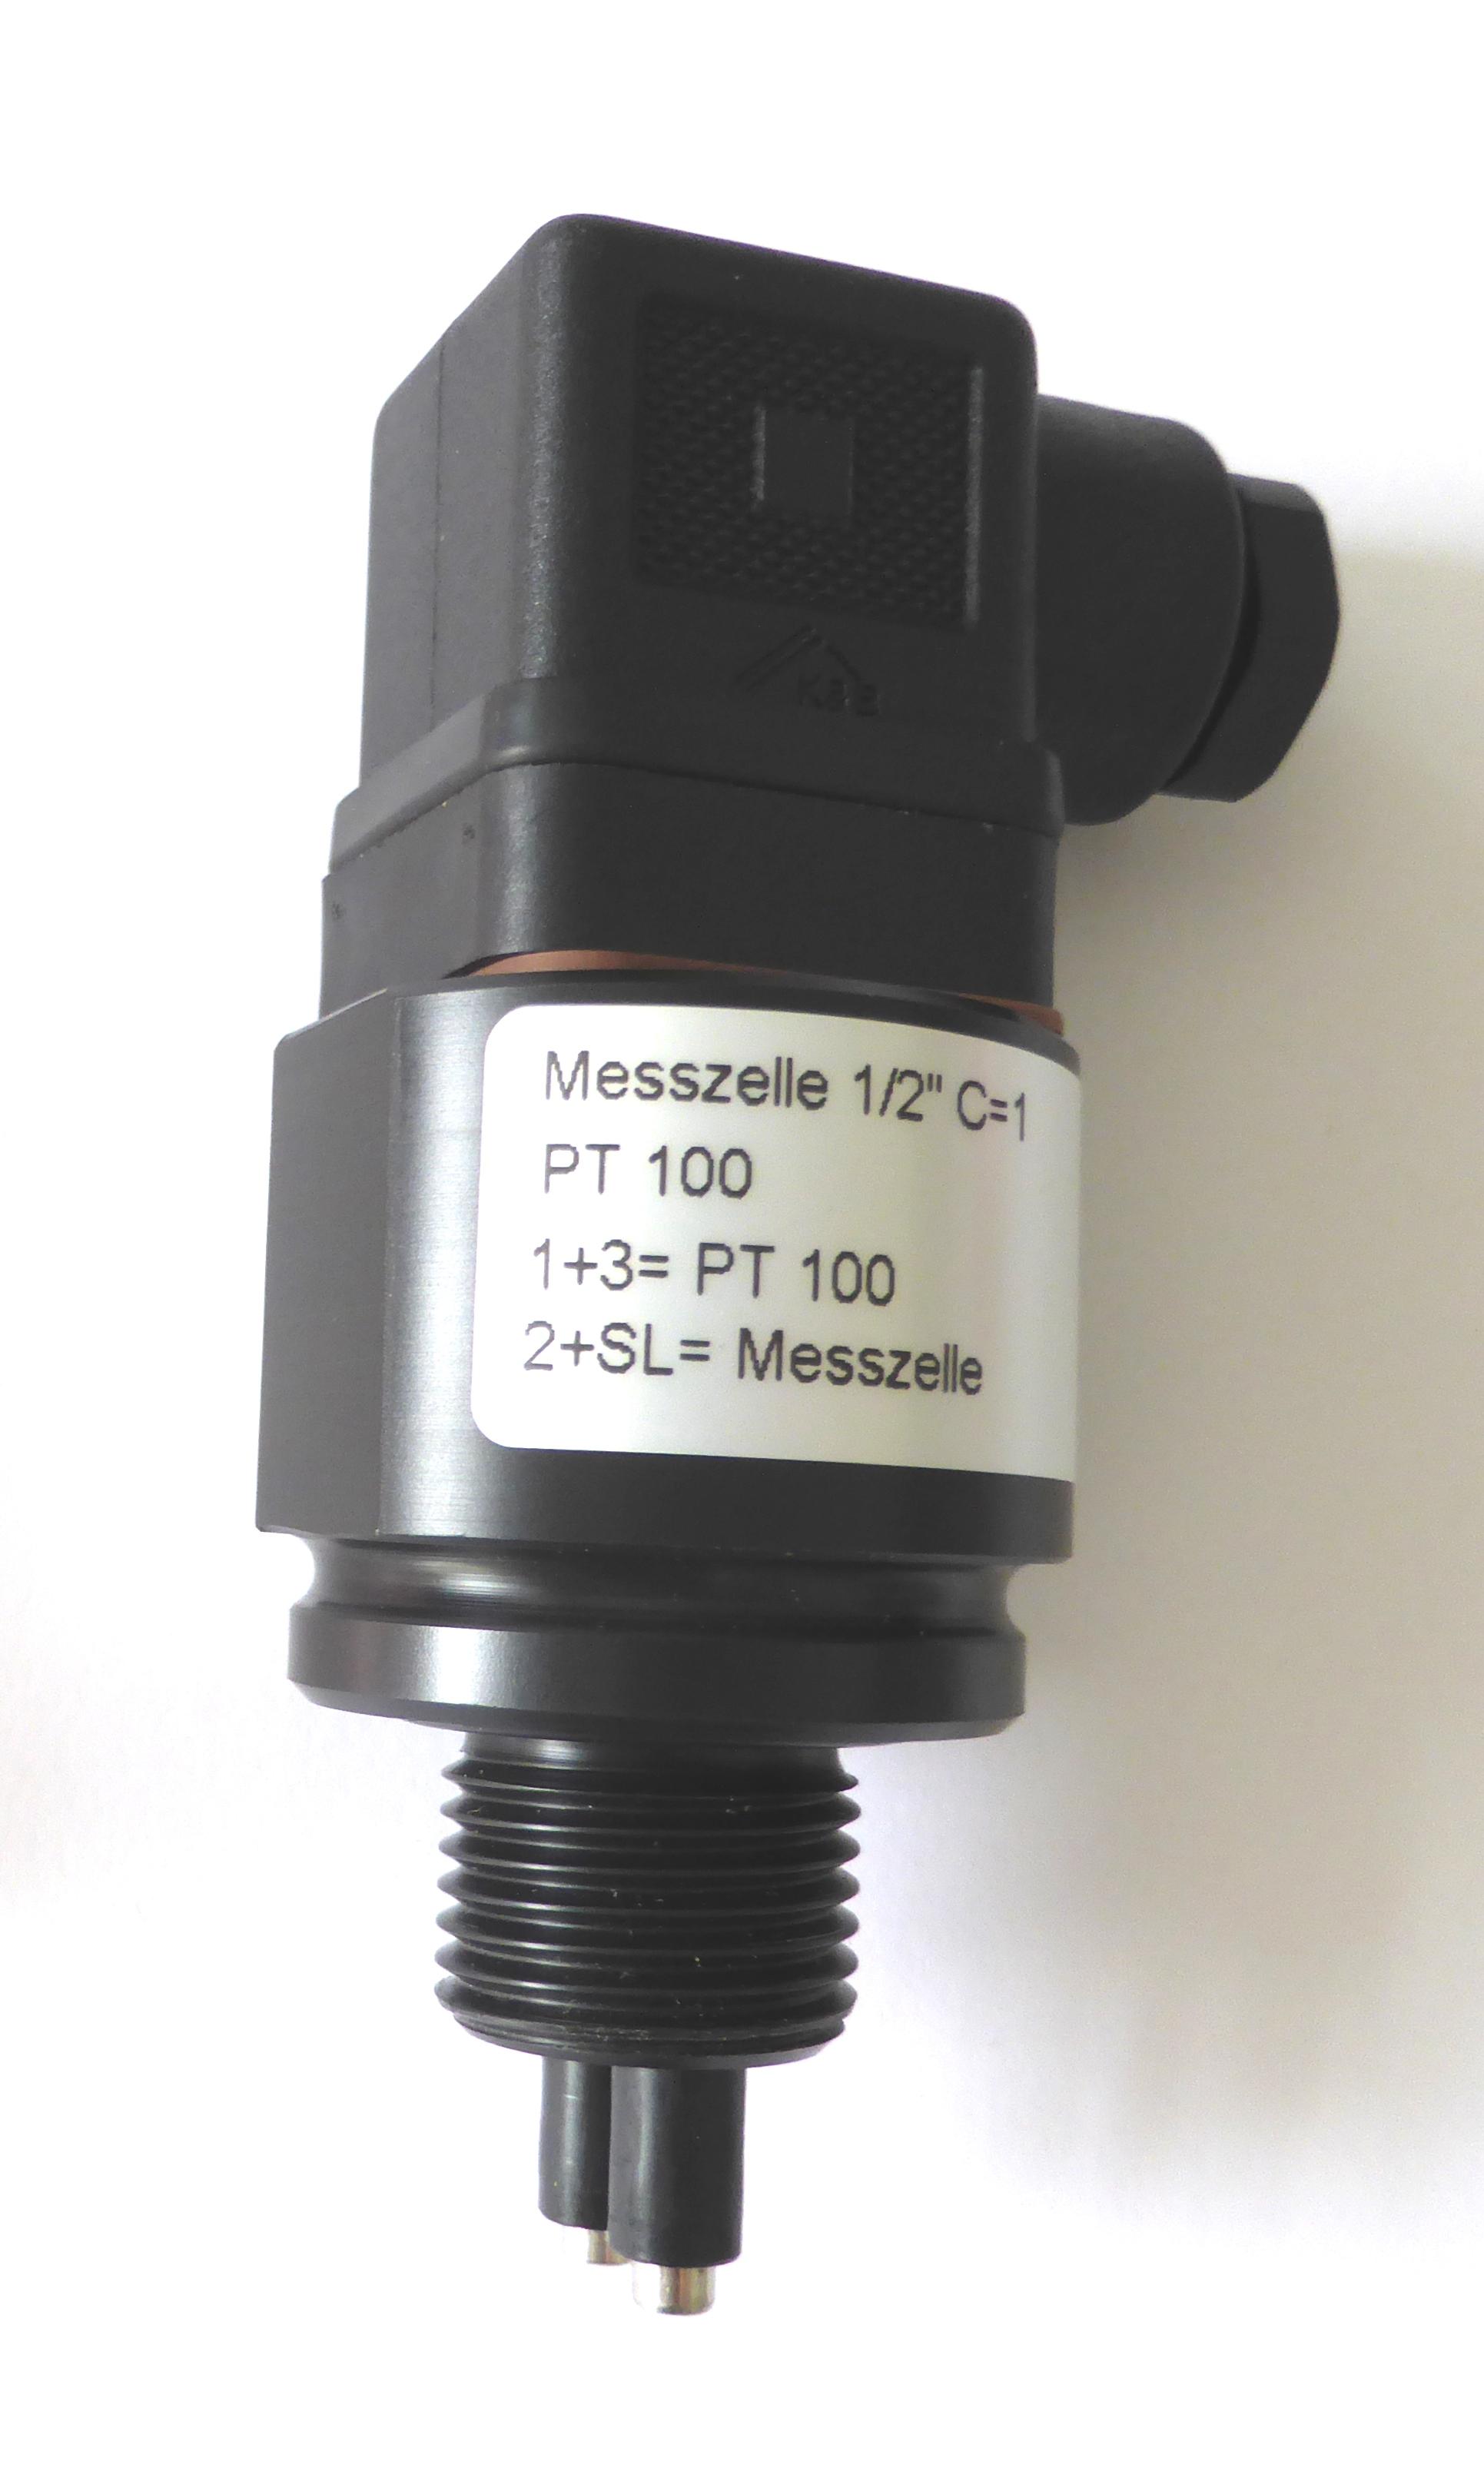 N-LF1210-Messzelle mit PT100, Einschraubgewinde und Magnetventilstecker